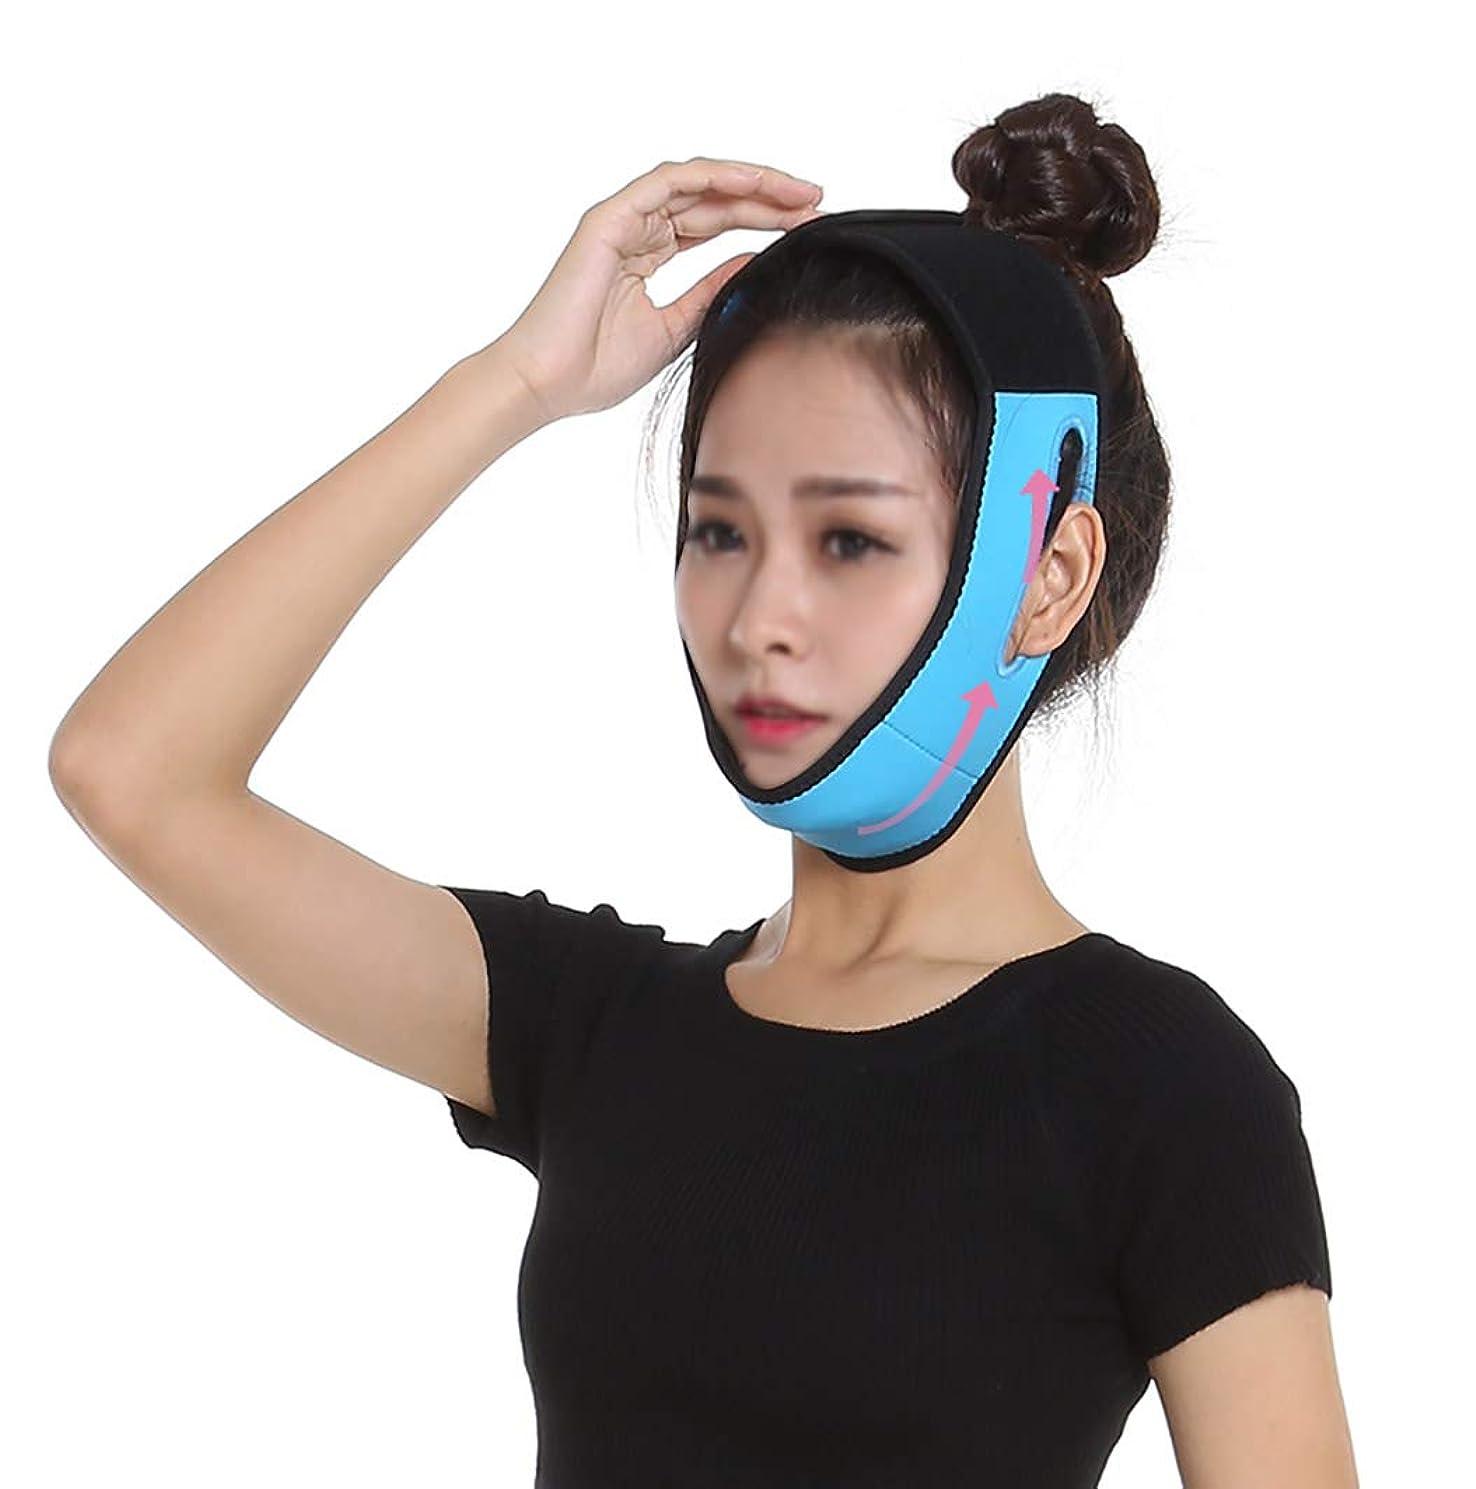 プロット氏窓XHLMRMJ 痩身ベルト、あごの筋肉の収縮を強化するフェイスマスクVフェイスアーティファクトマッサージマスク簡単にVフェイスリフトタイトブルー包帯を形作る